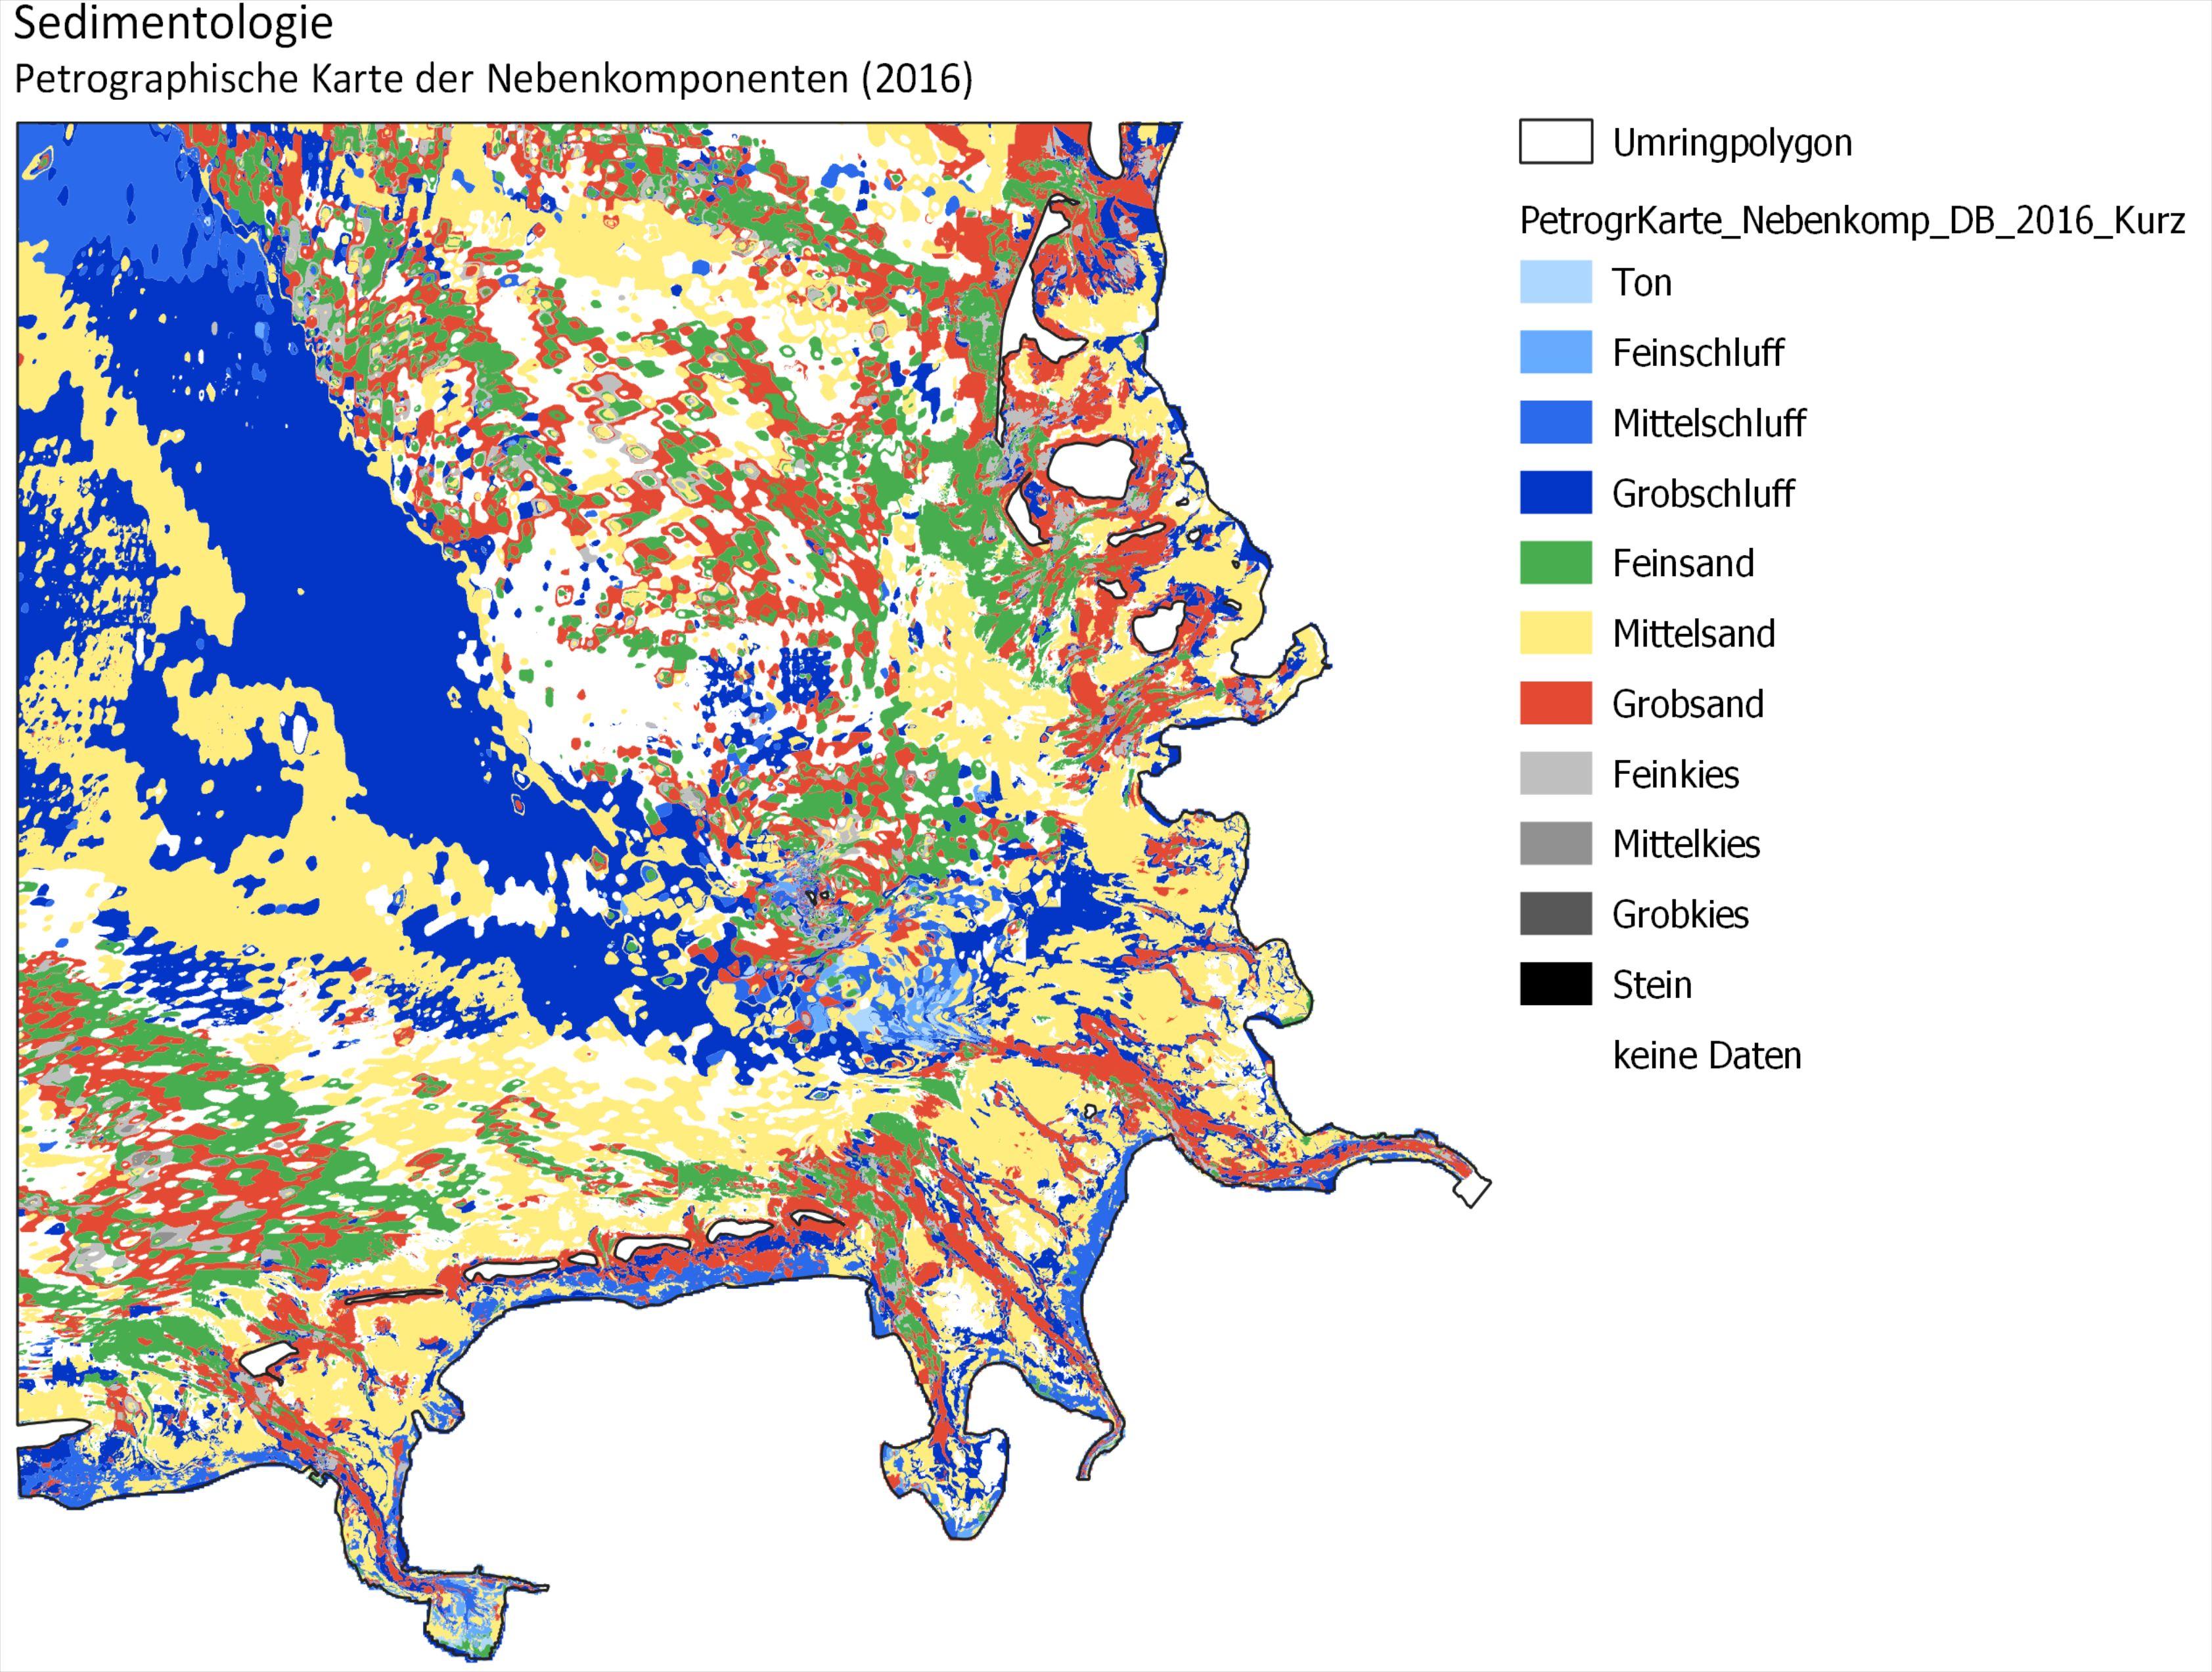 Beispiel: Petrographische Karte der Nebenkomponenten 2016 (Kurzform)